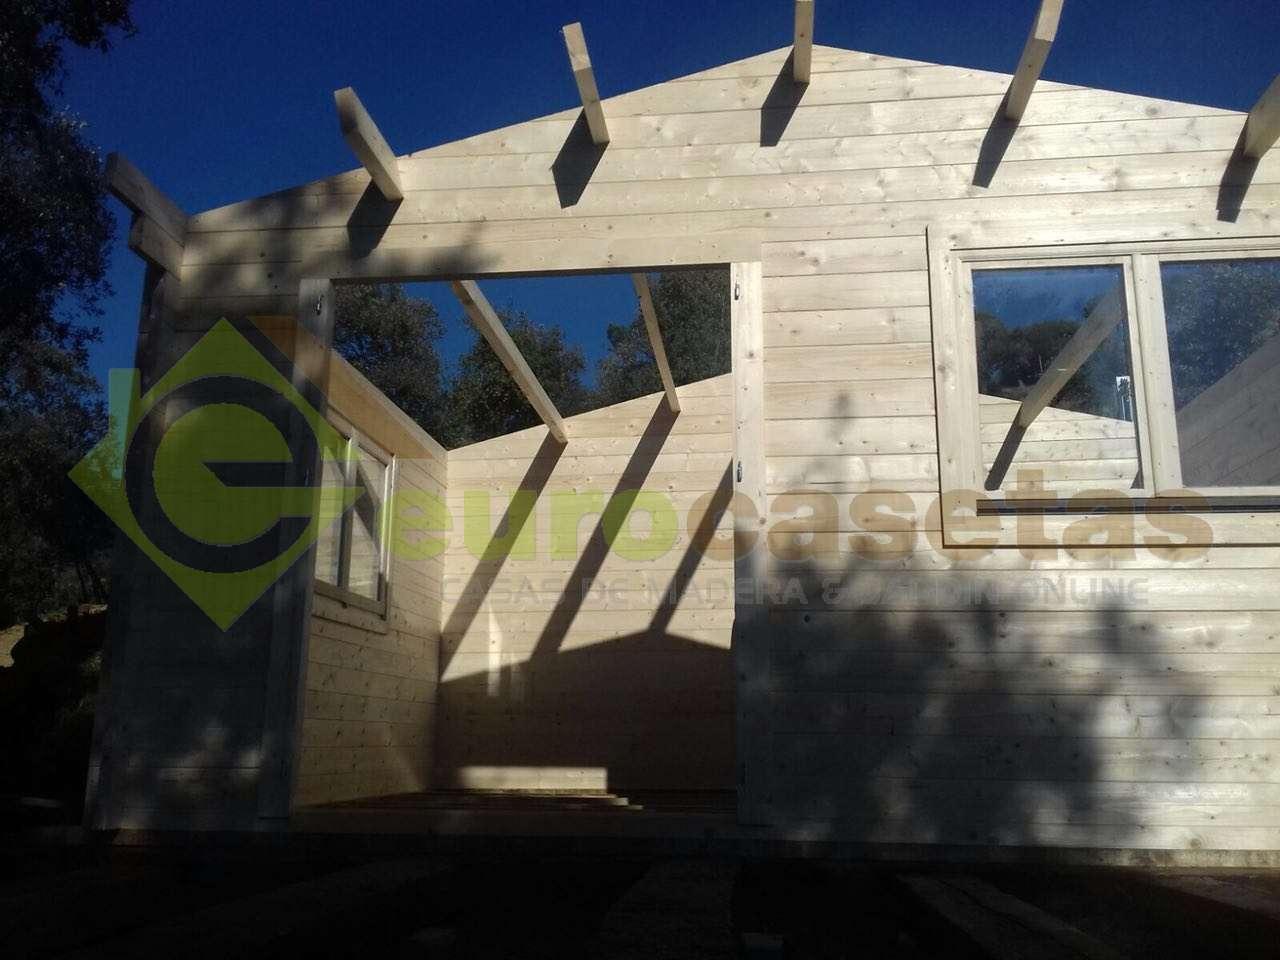 Montaje Caseta de jardin ALTEA 5x4 en Collbato (Barcelona)